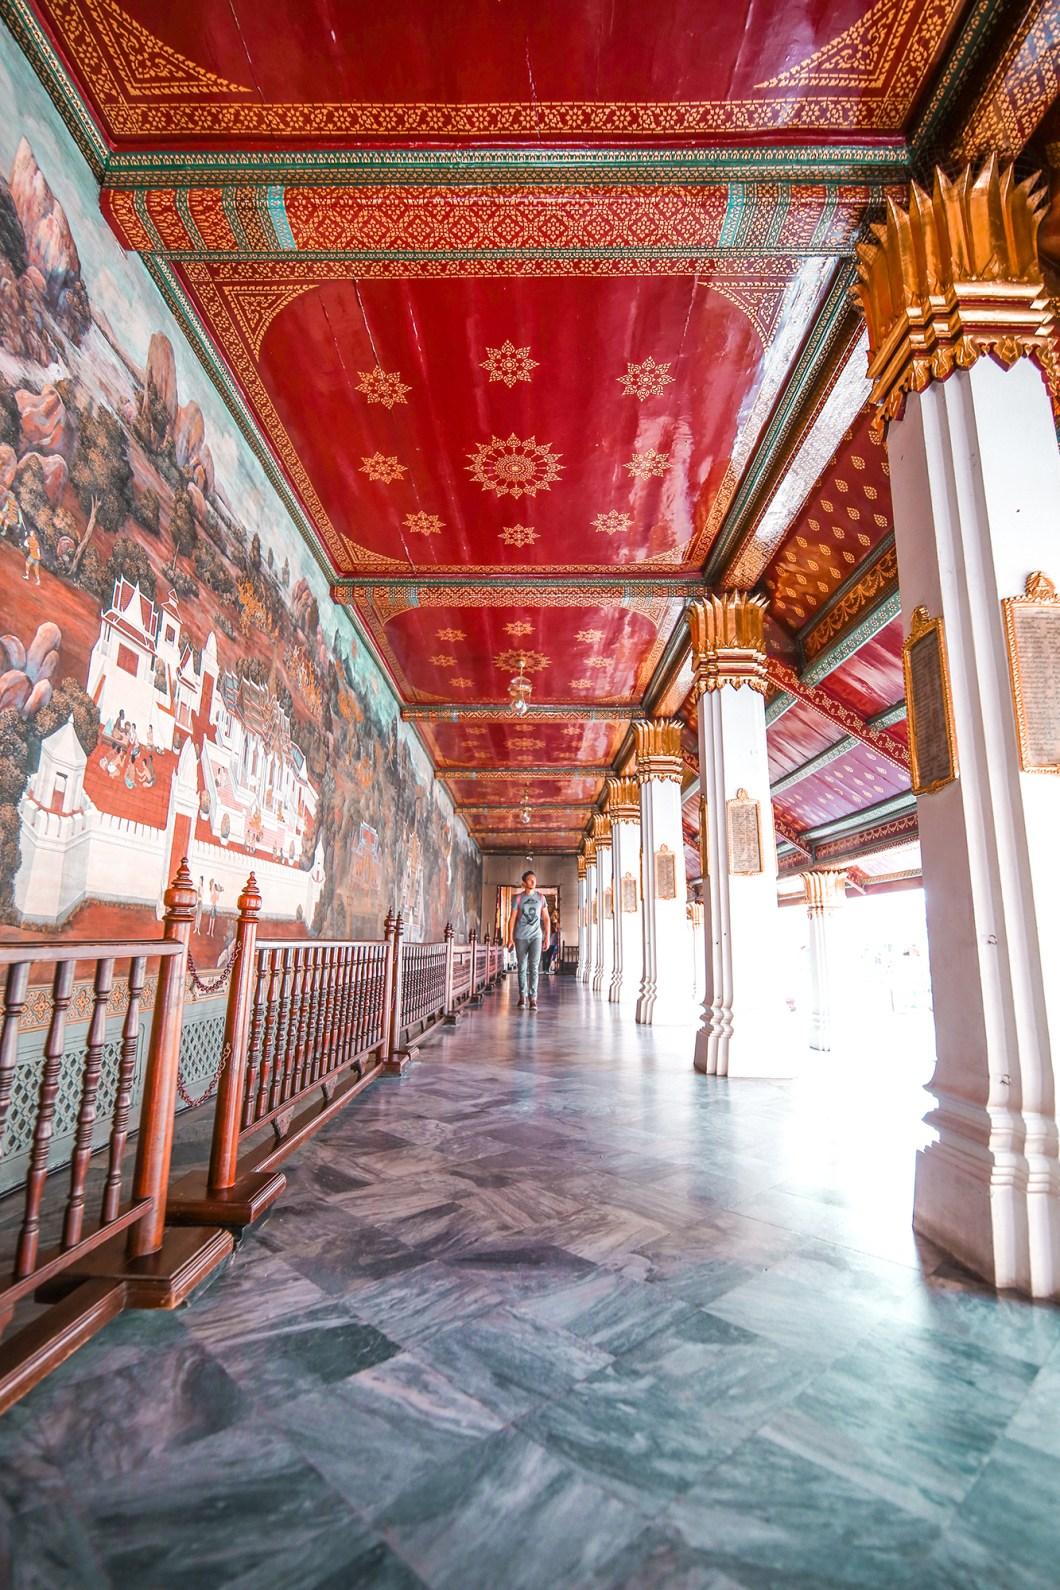 The Grand Palace in Bangkok Thailand @howfarfromhome